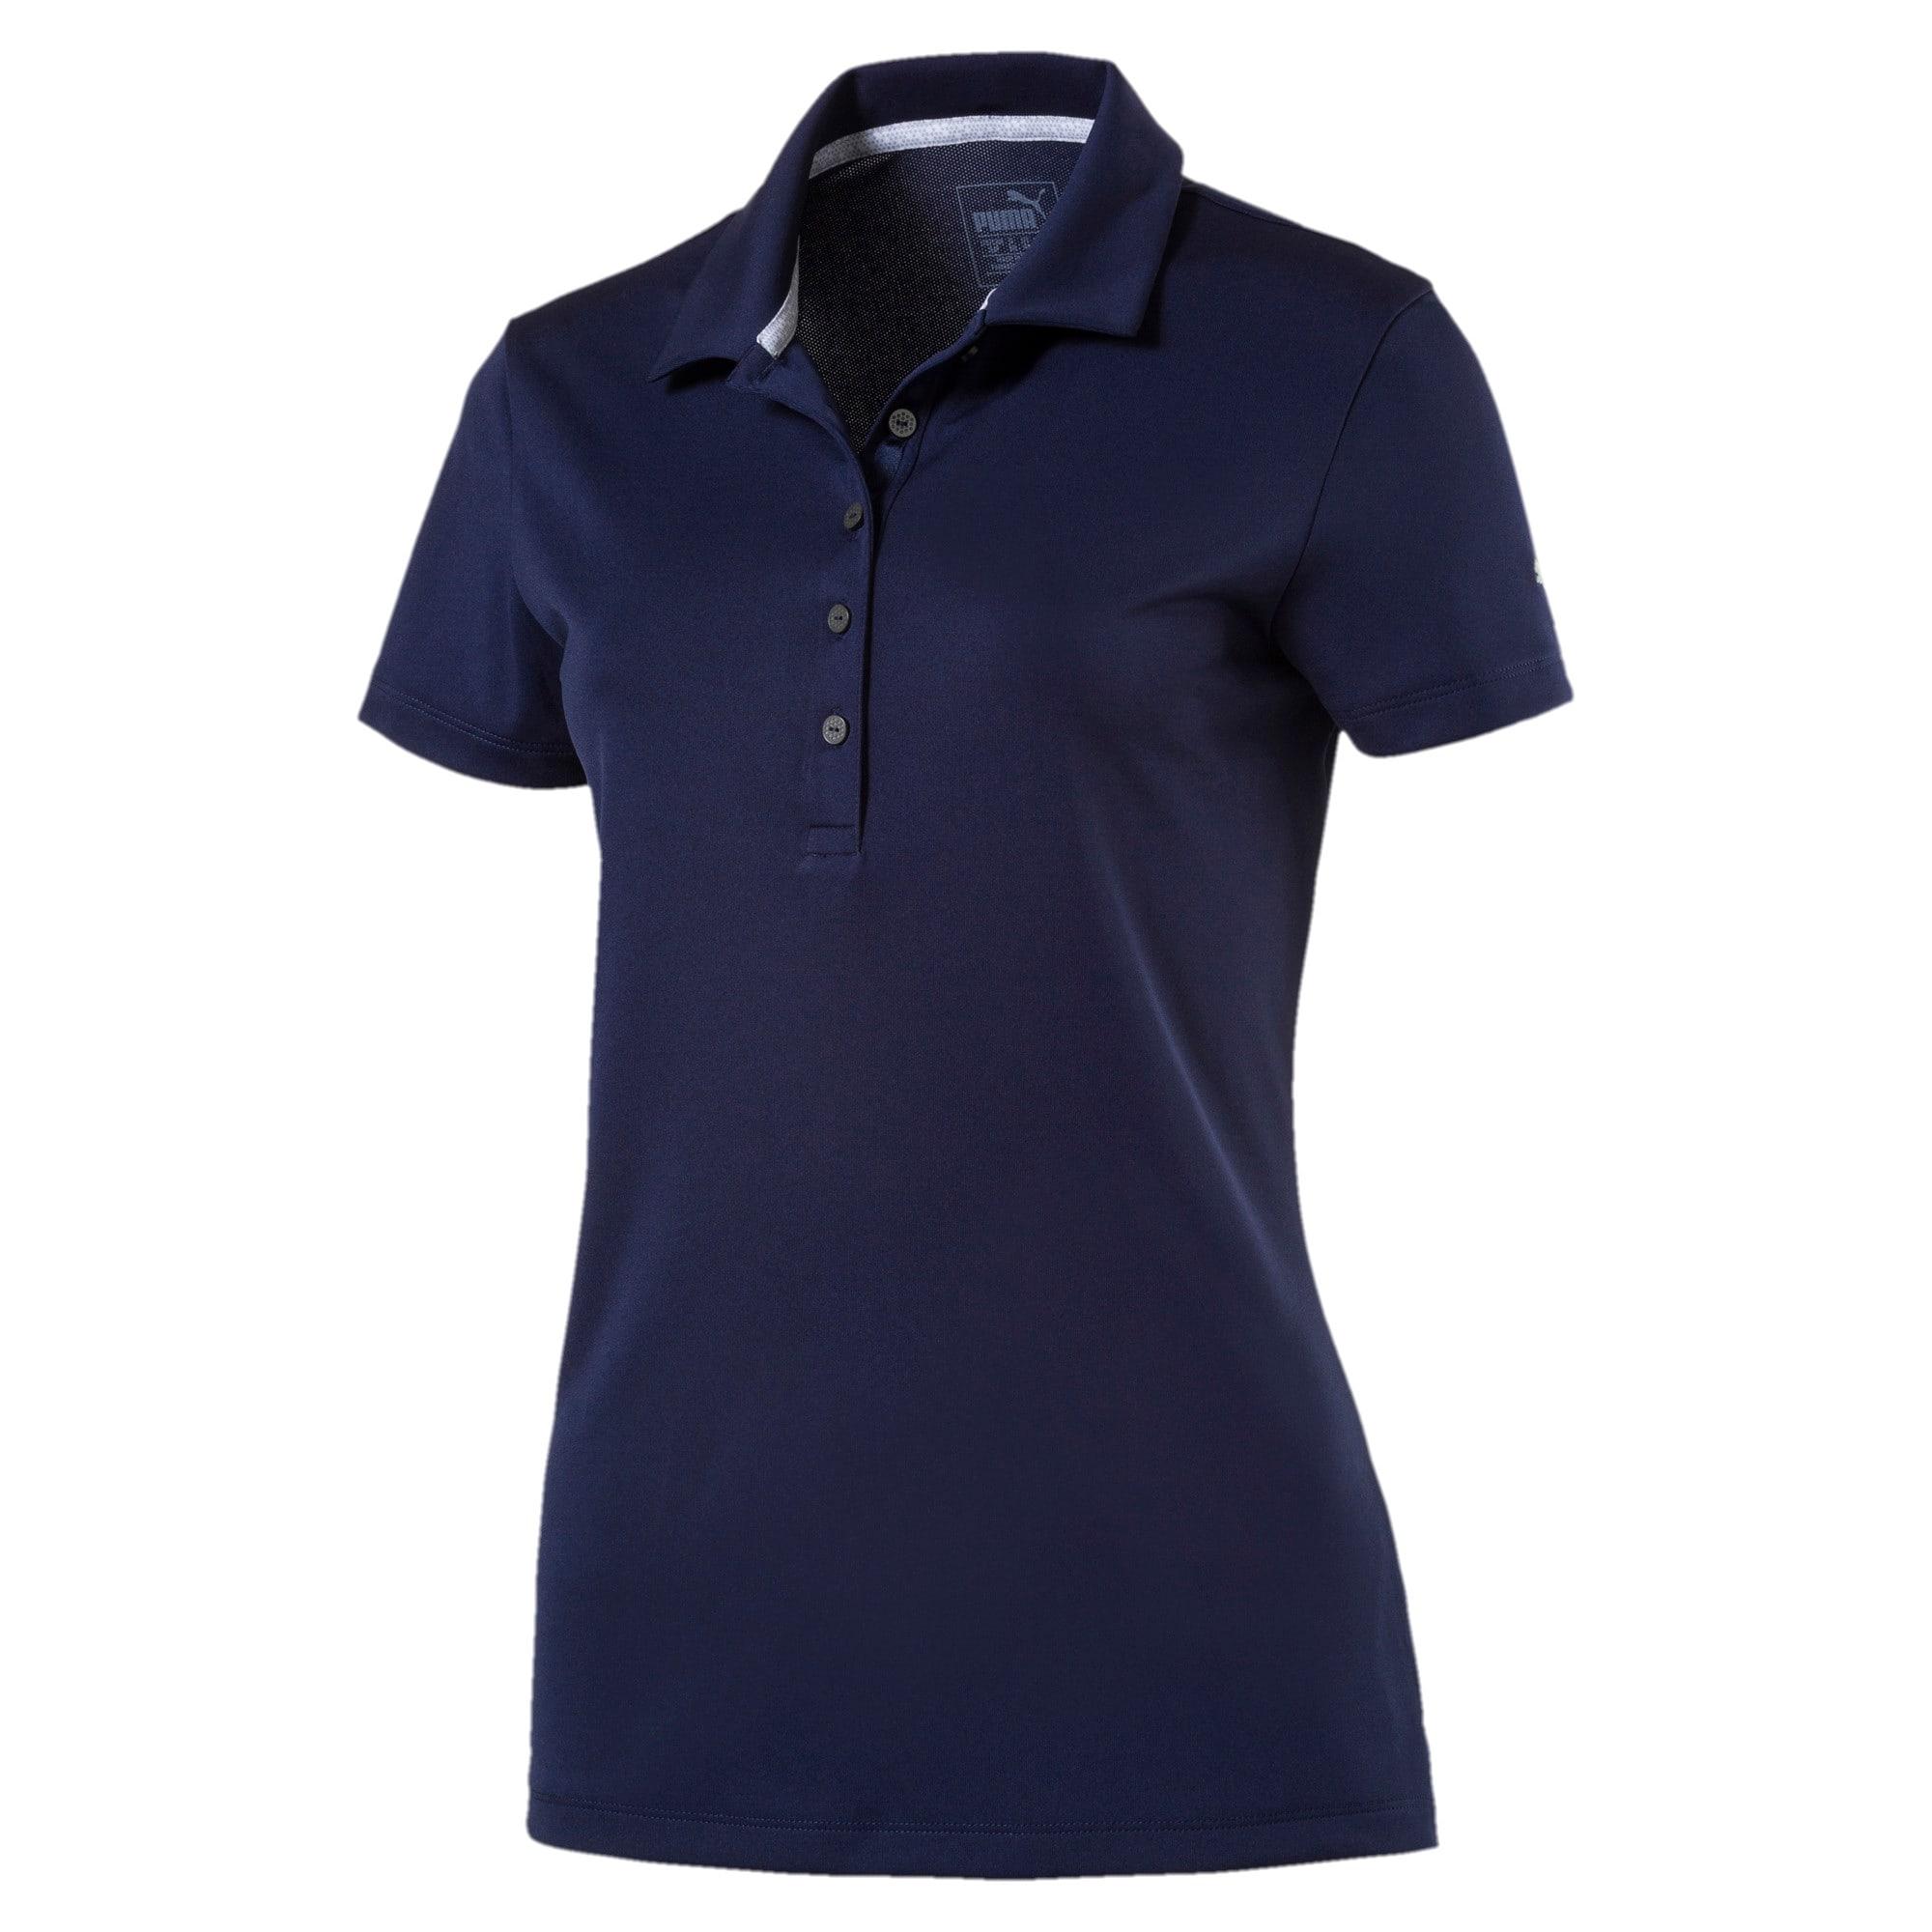 Miniatura 1 de Camiseta tipo polo Pounce para mujer, Peacoat, mediano